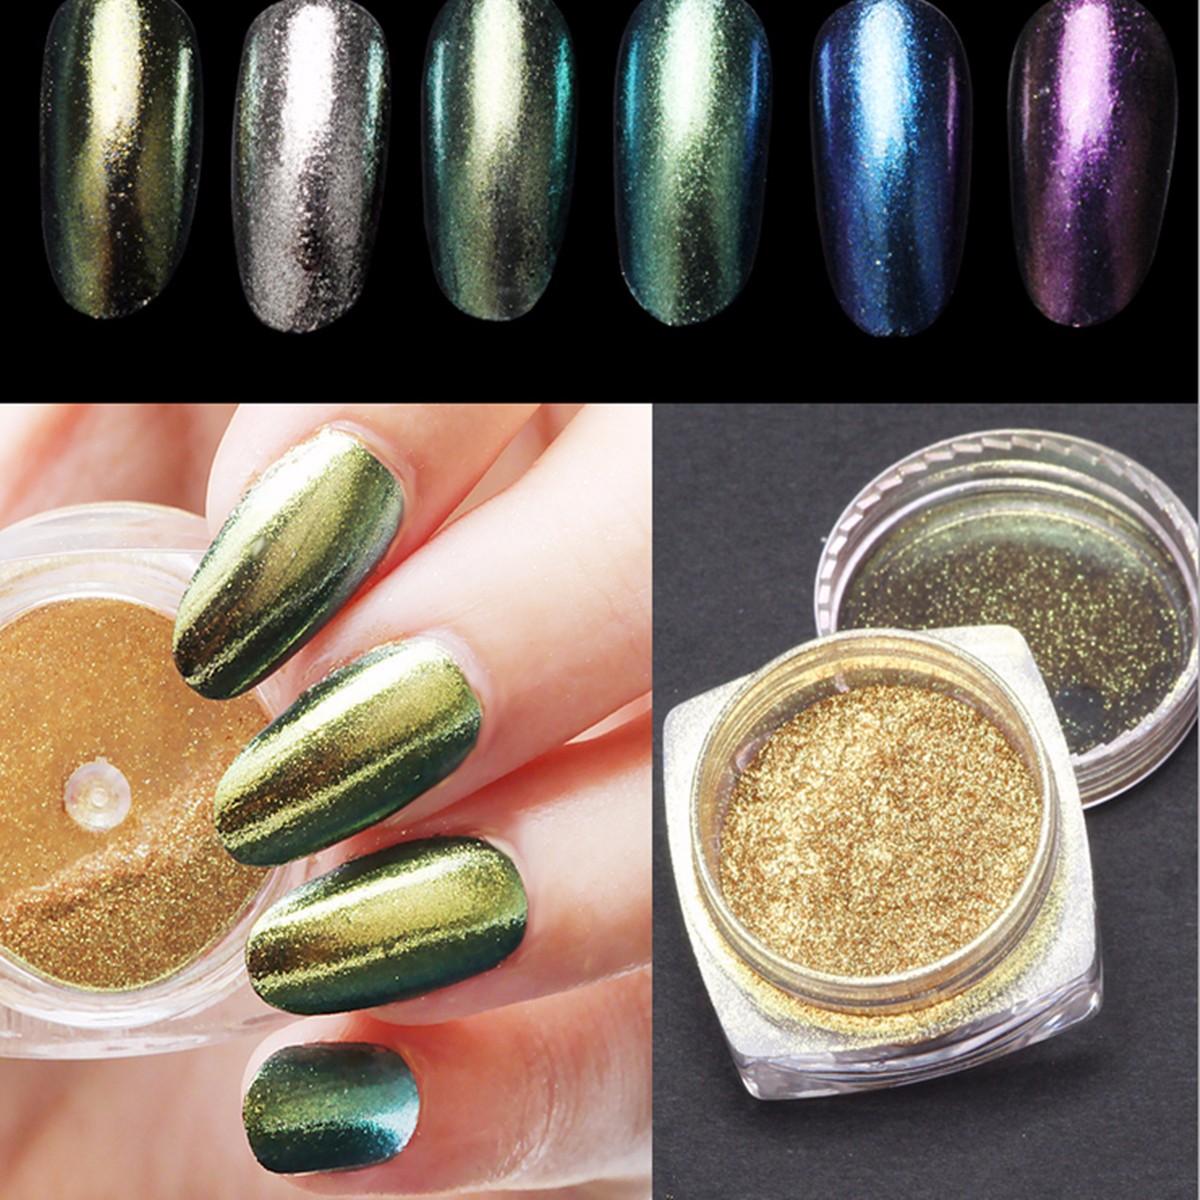 6 Colors X Nail Art Powder | GopaShop.com